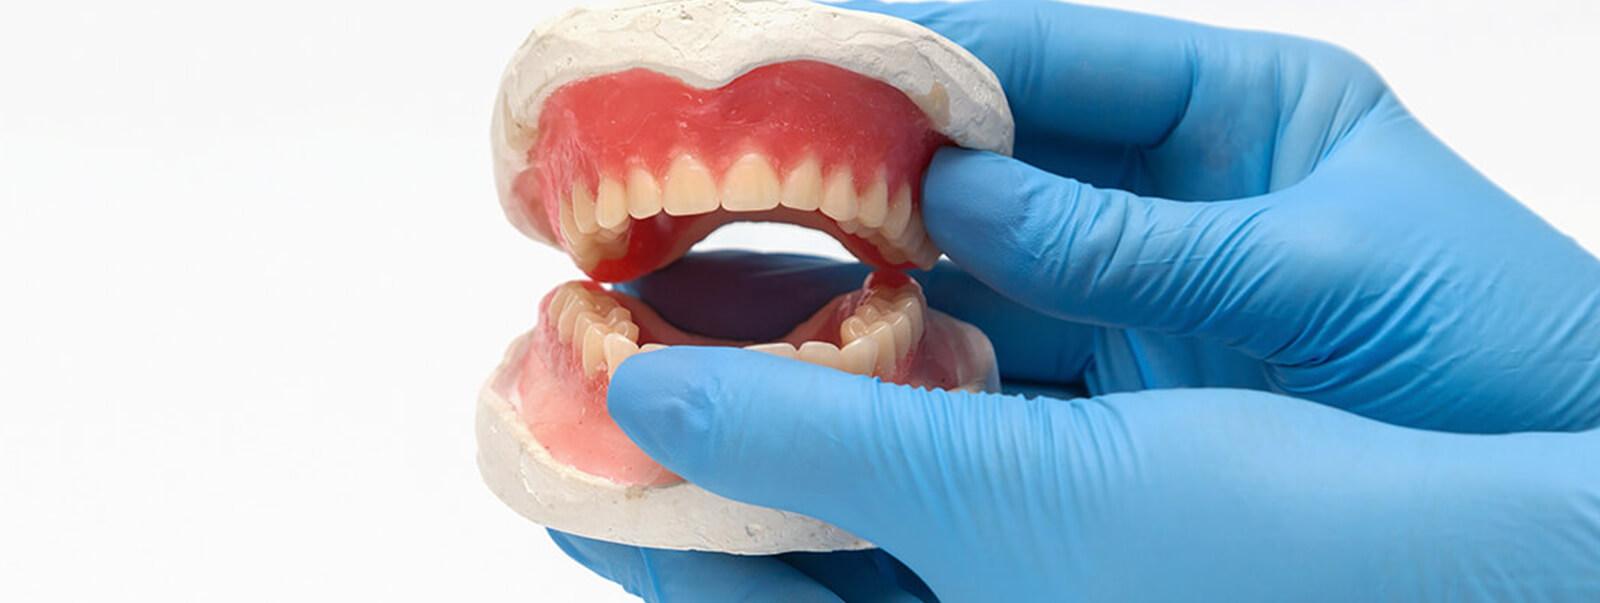 Systematische Parodontitisbehandlungen in Ungarn